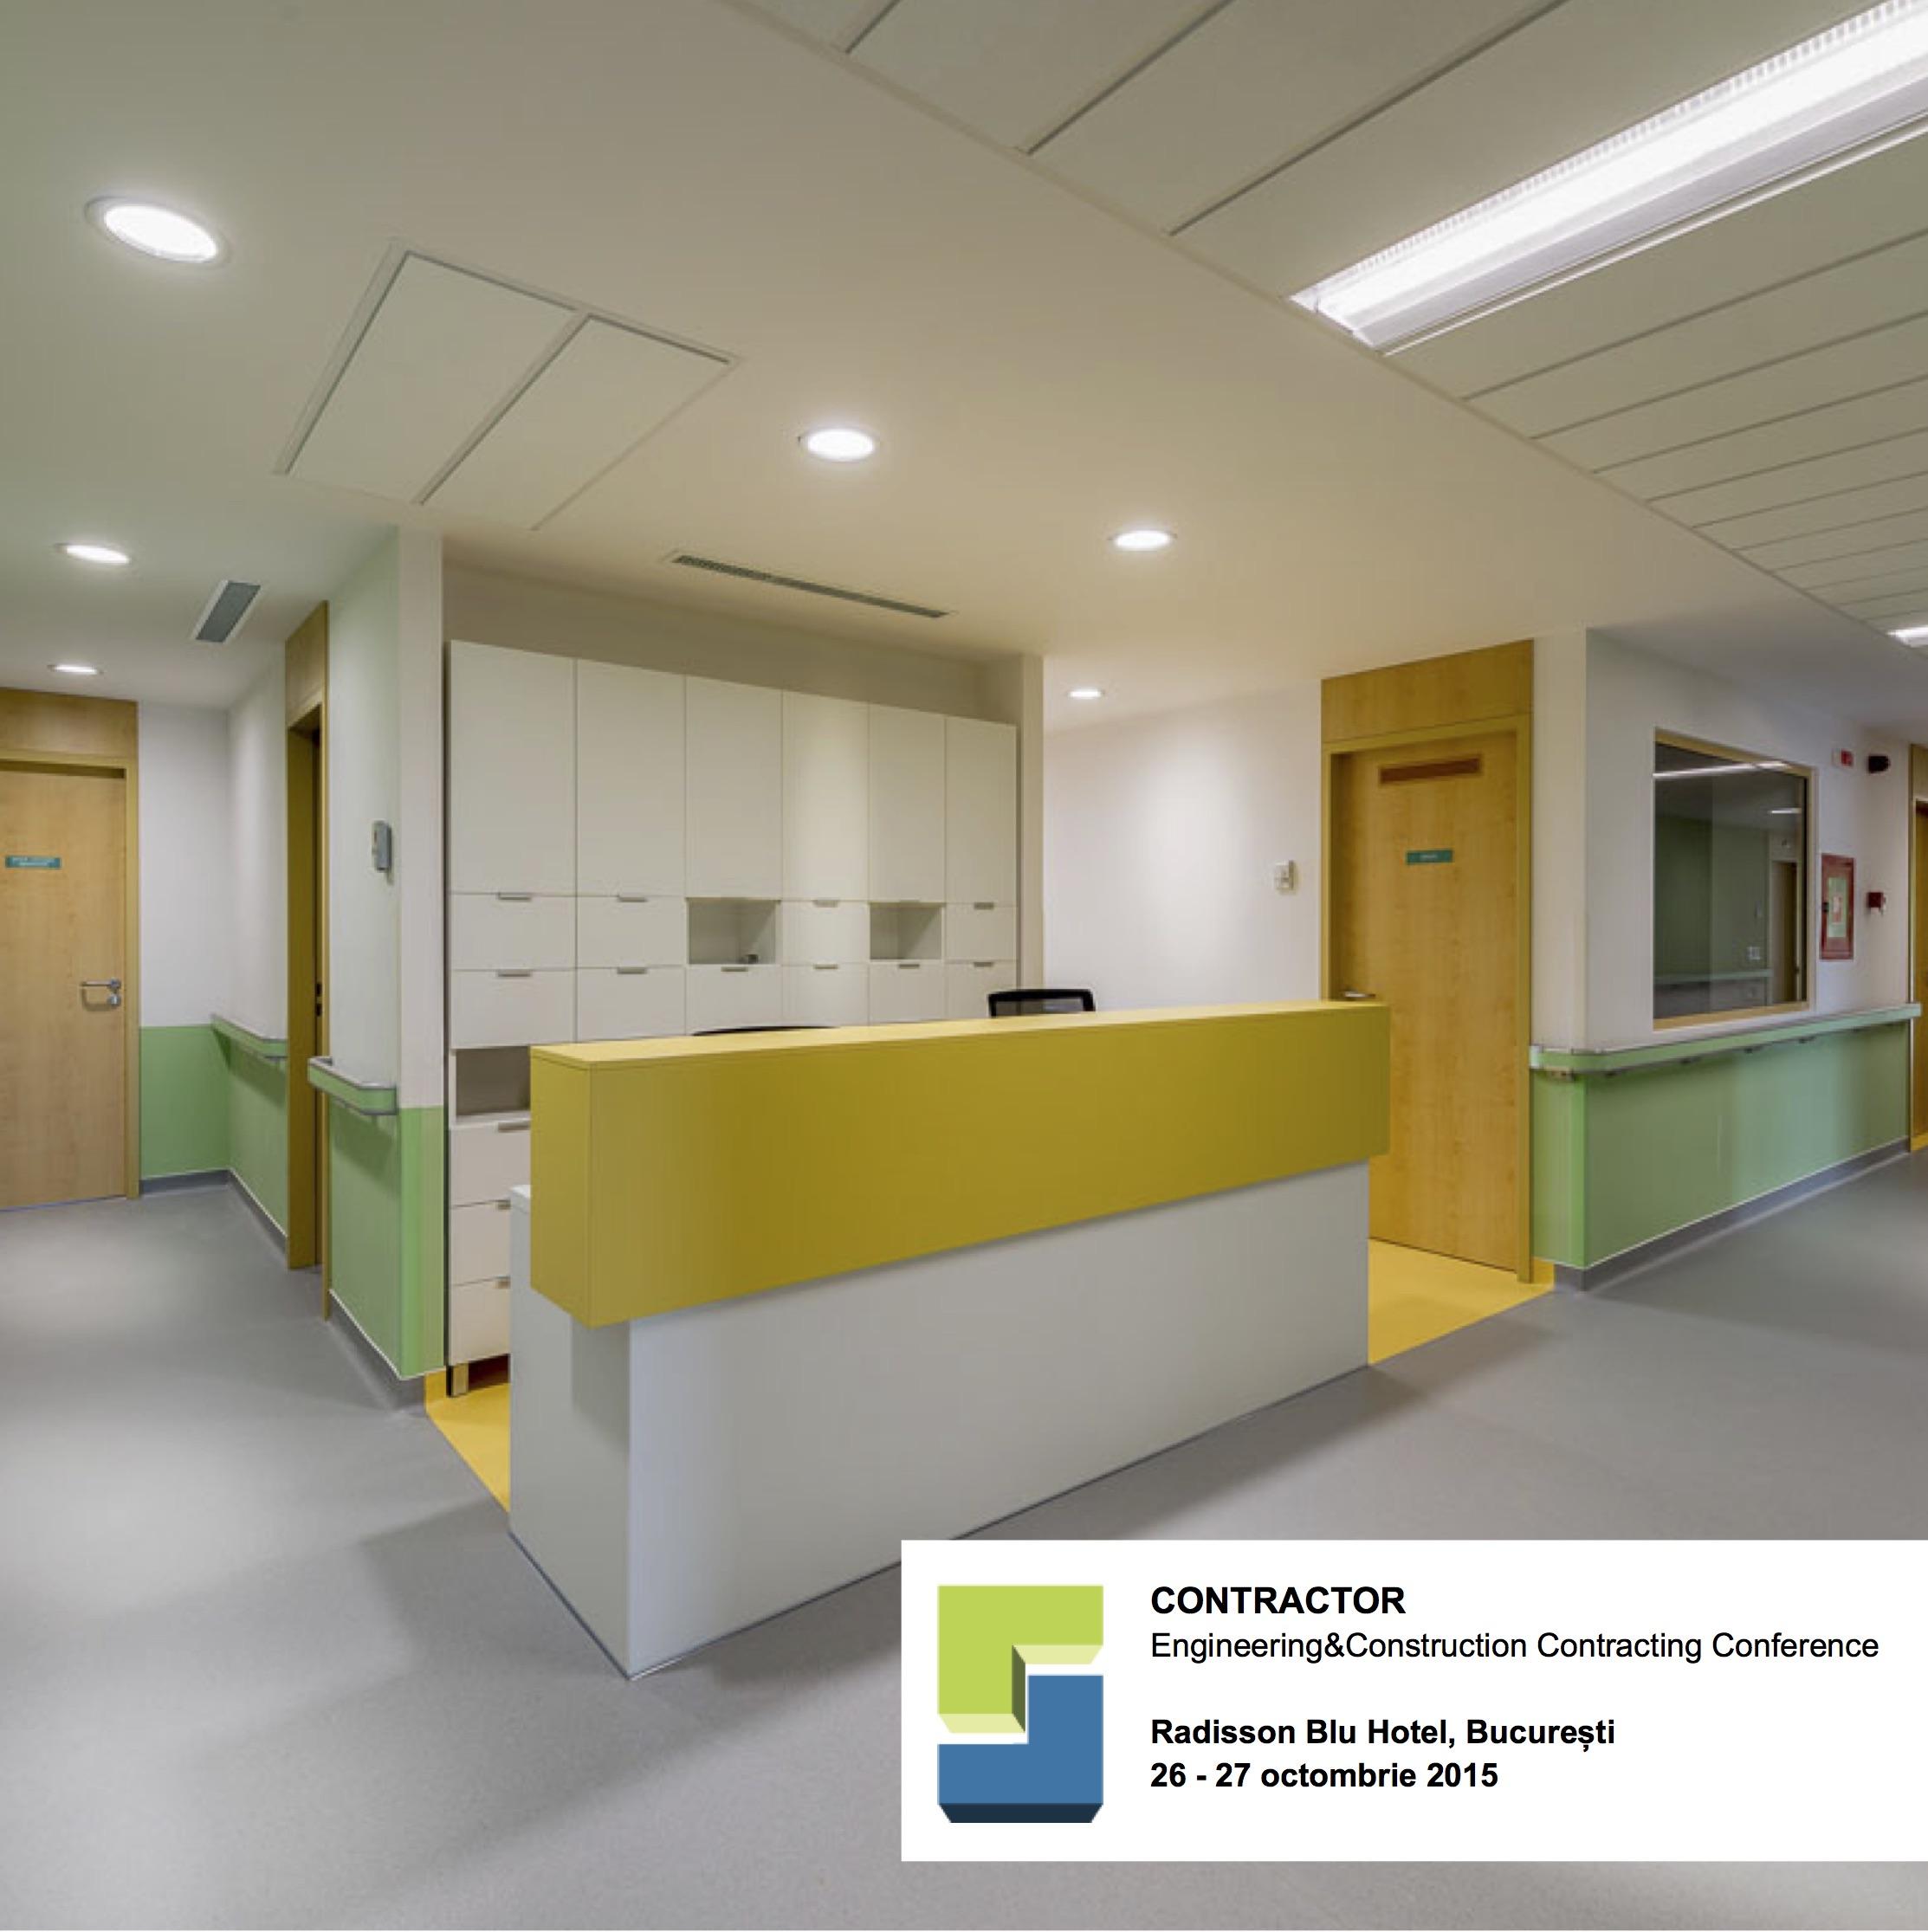 Cel mai mare spital privat de recuperare din tara prezentat la CONTRACTOR - Cel mai mare